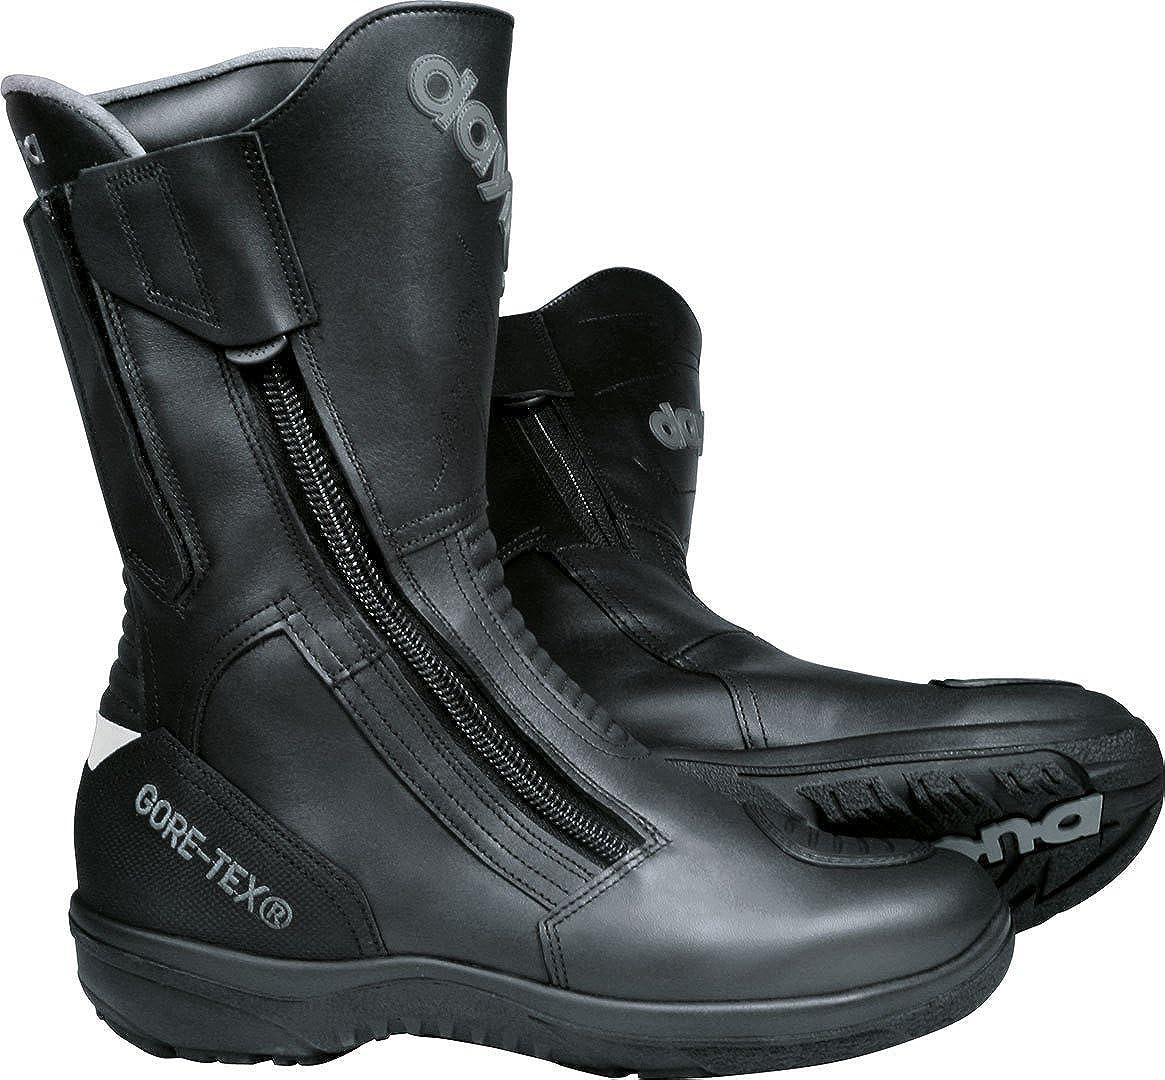 Daytona Boots Motorradschuhe Motorradstiefel Lang Road Star Gore Tex Stiefel Schwarz Breite Passform 46 Unisex Tourer Ganzjährig Leder Schuhe Handtaschen